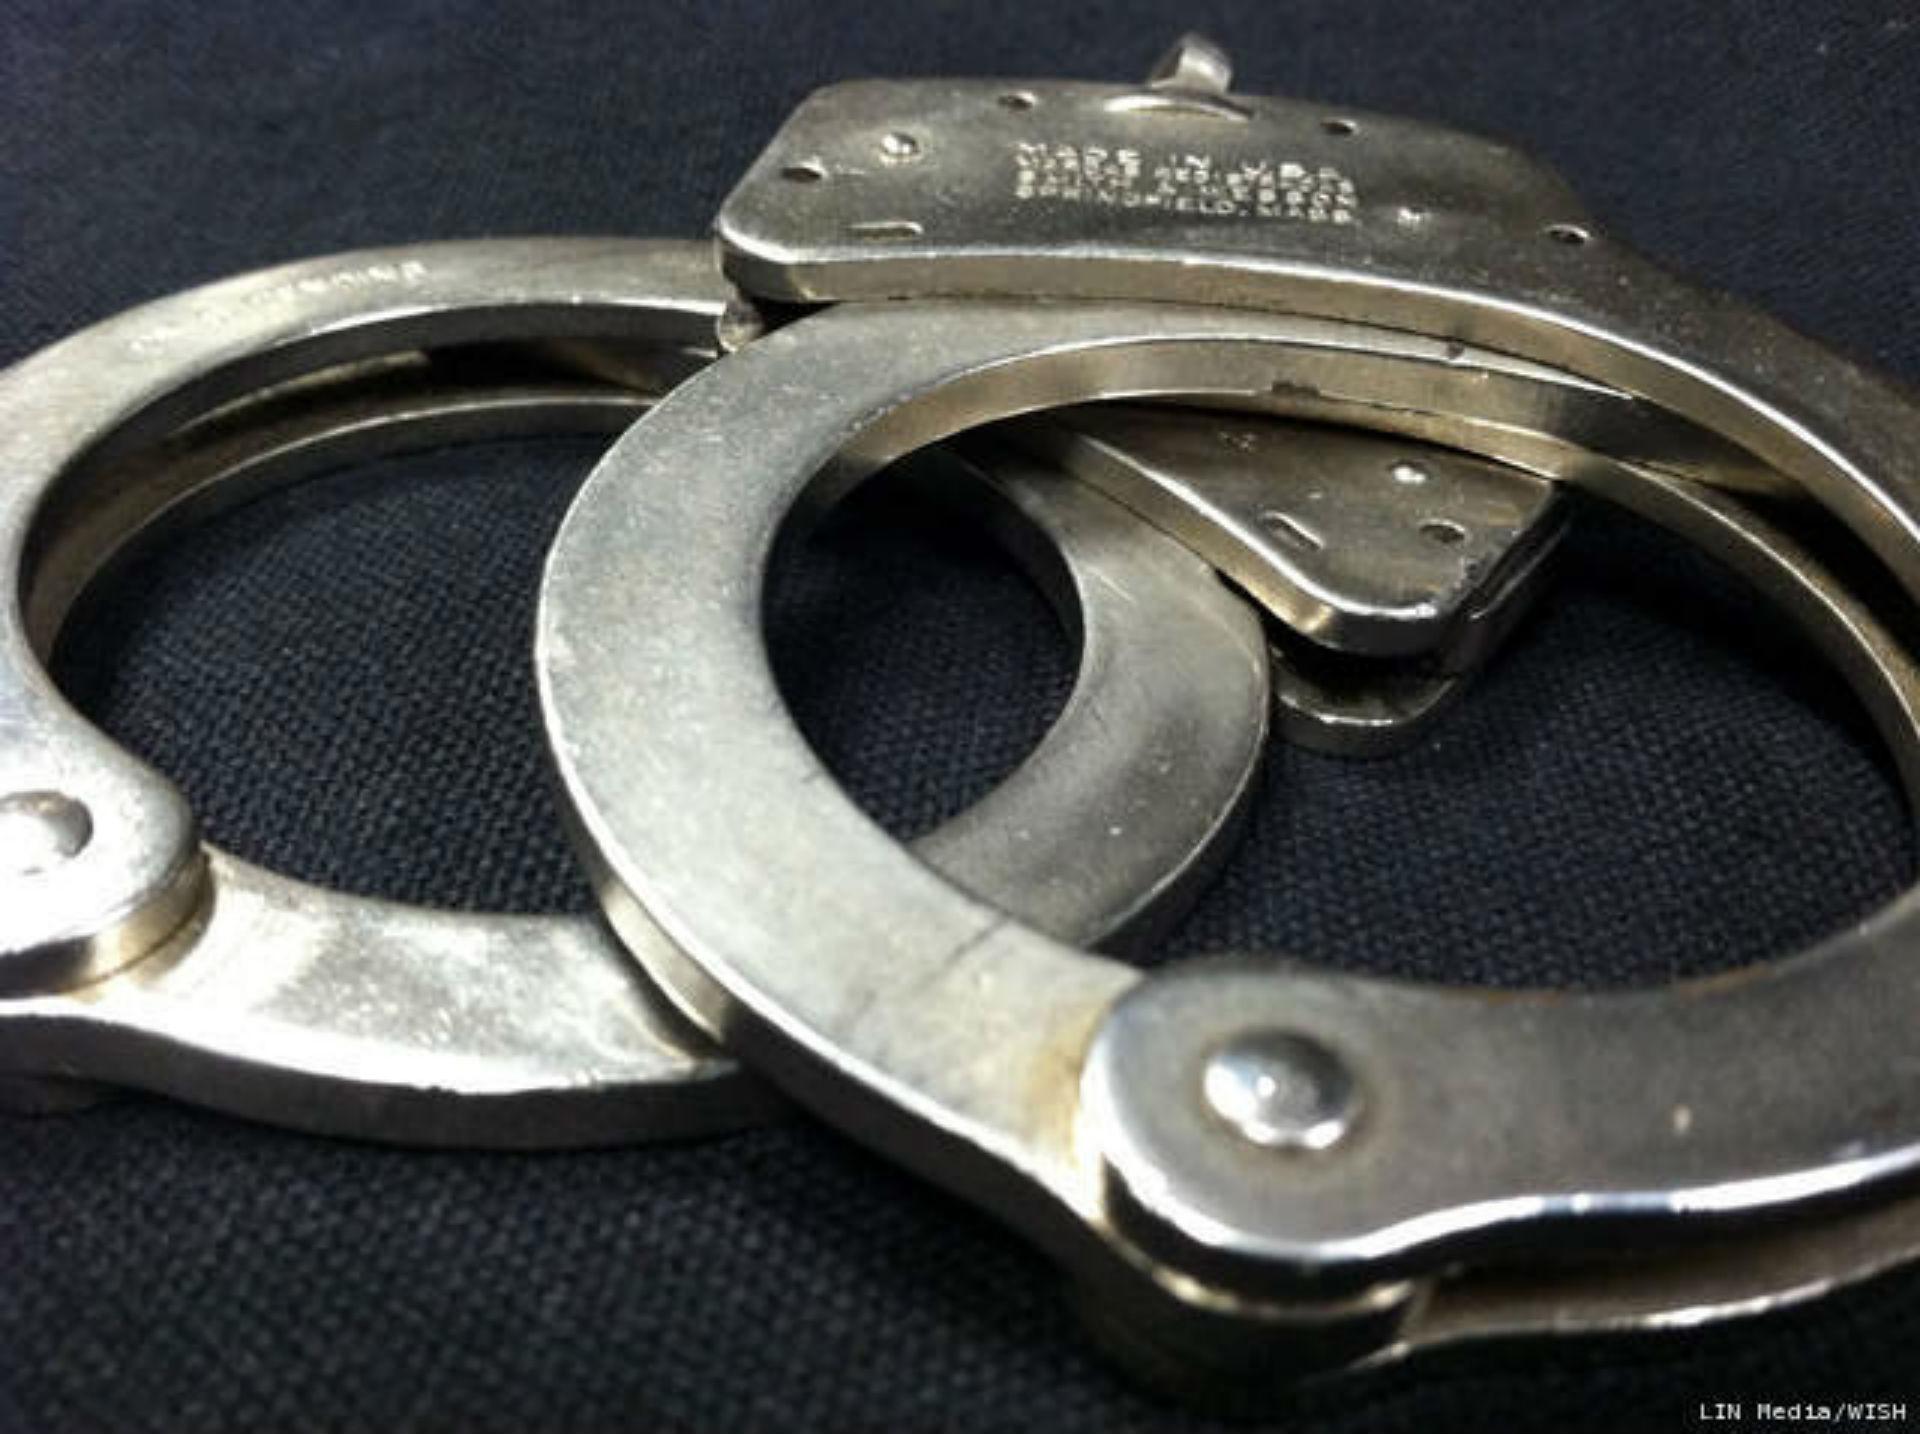 Drug sweep results in 10 arrests in Waterbury area